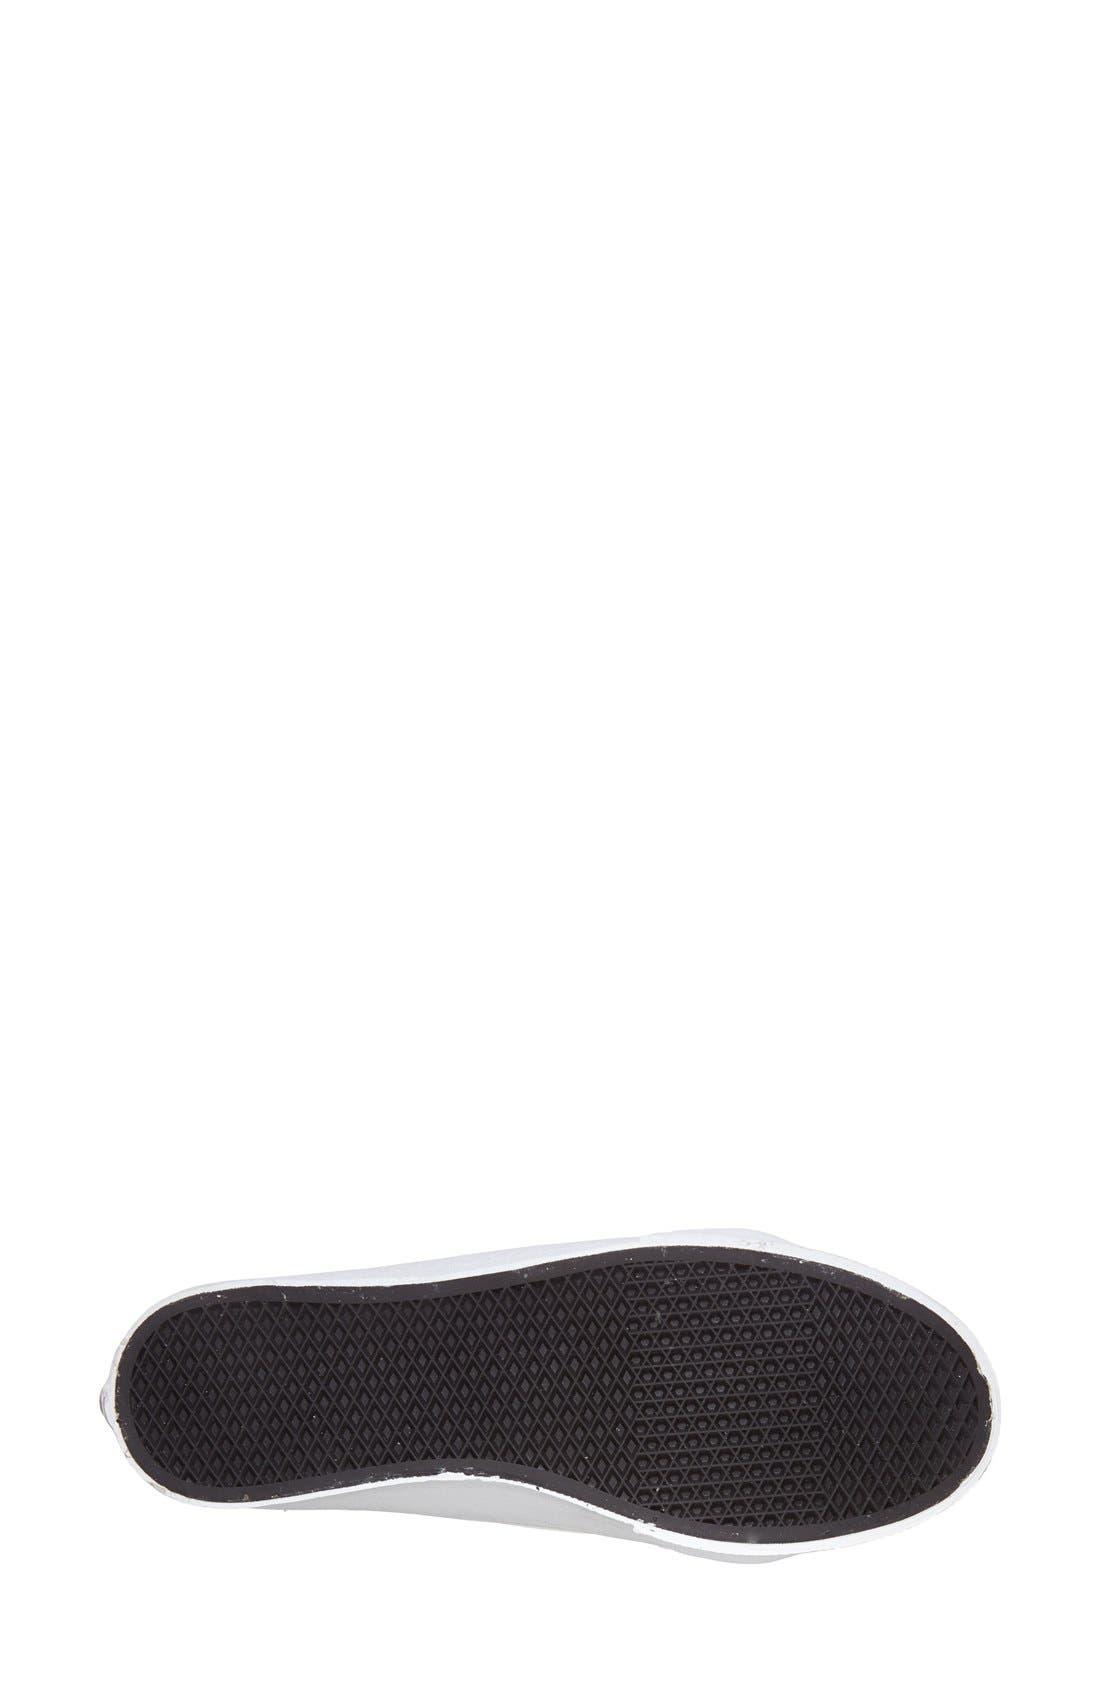 'Sk8-Hi Slim' Perforated Sneaker,                             Alternate thumbnail 8, color,